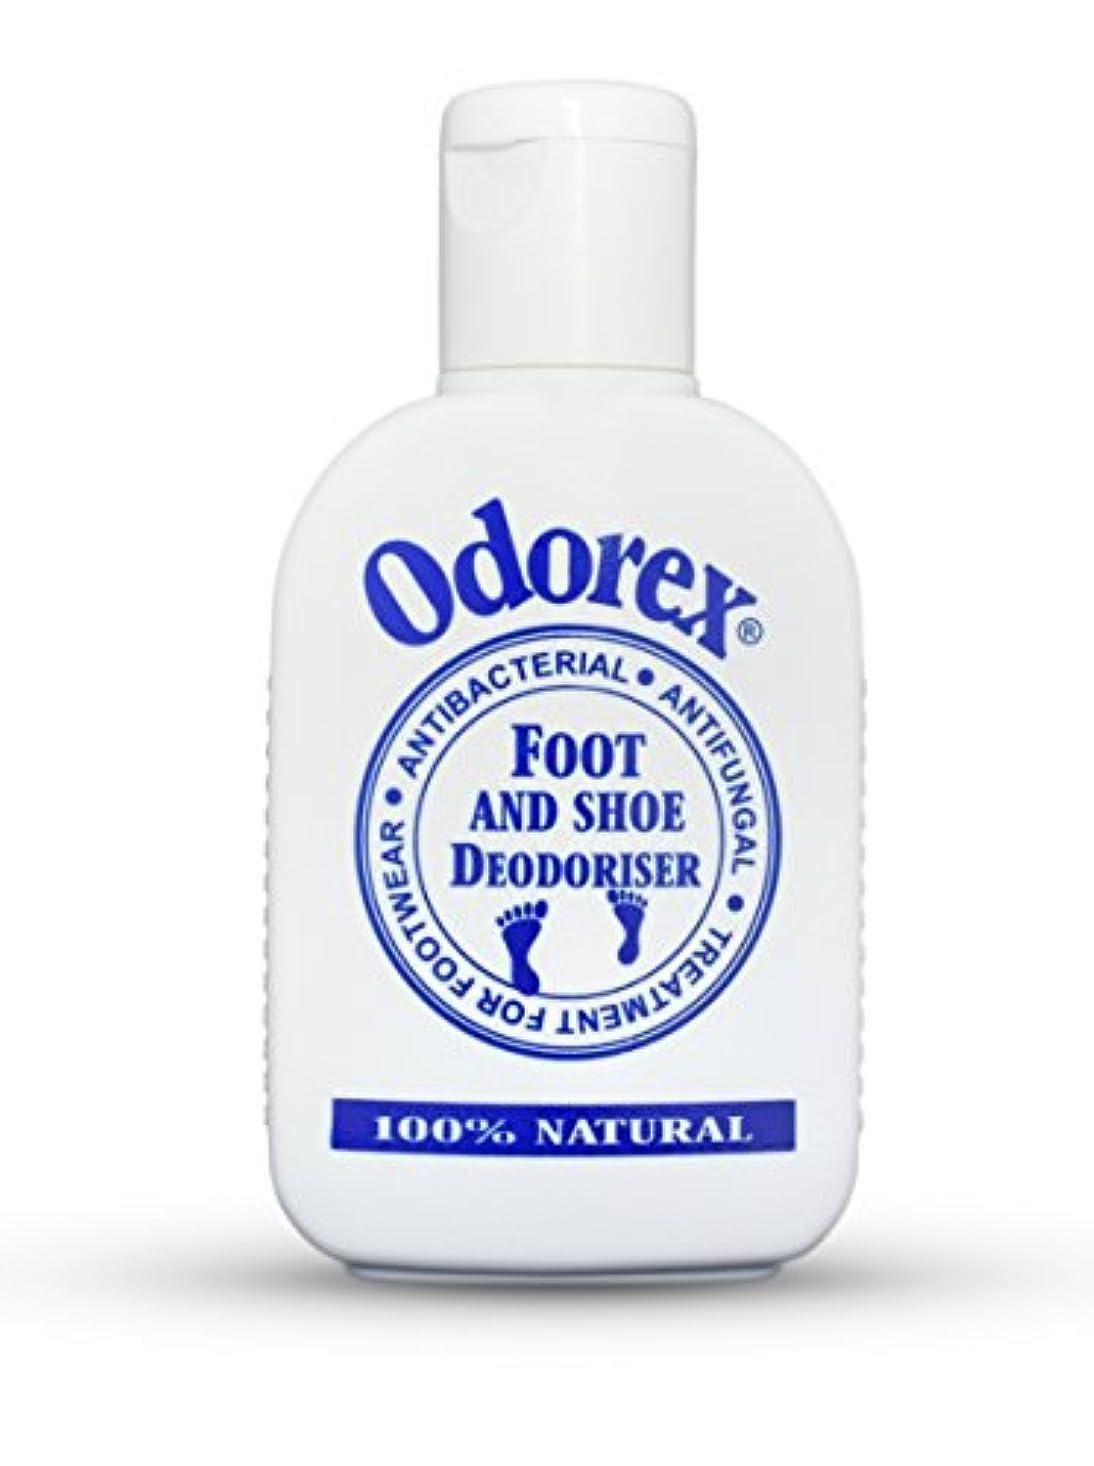 失礼な和解する実証するオダエックス100% ナチュラル 靴用除菌?防菌?消臭パウダー30g